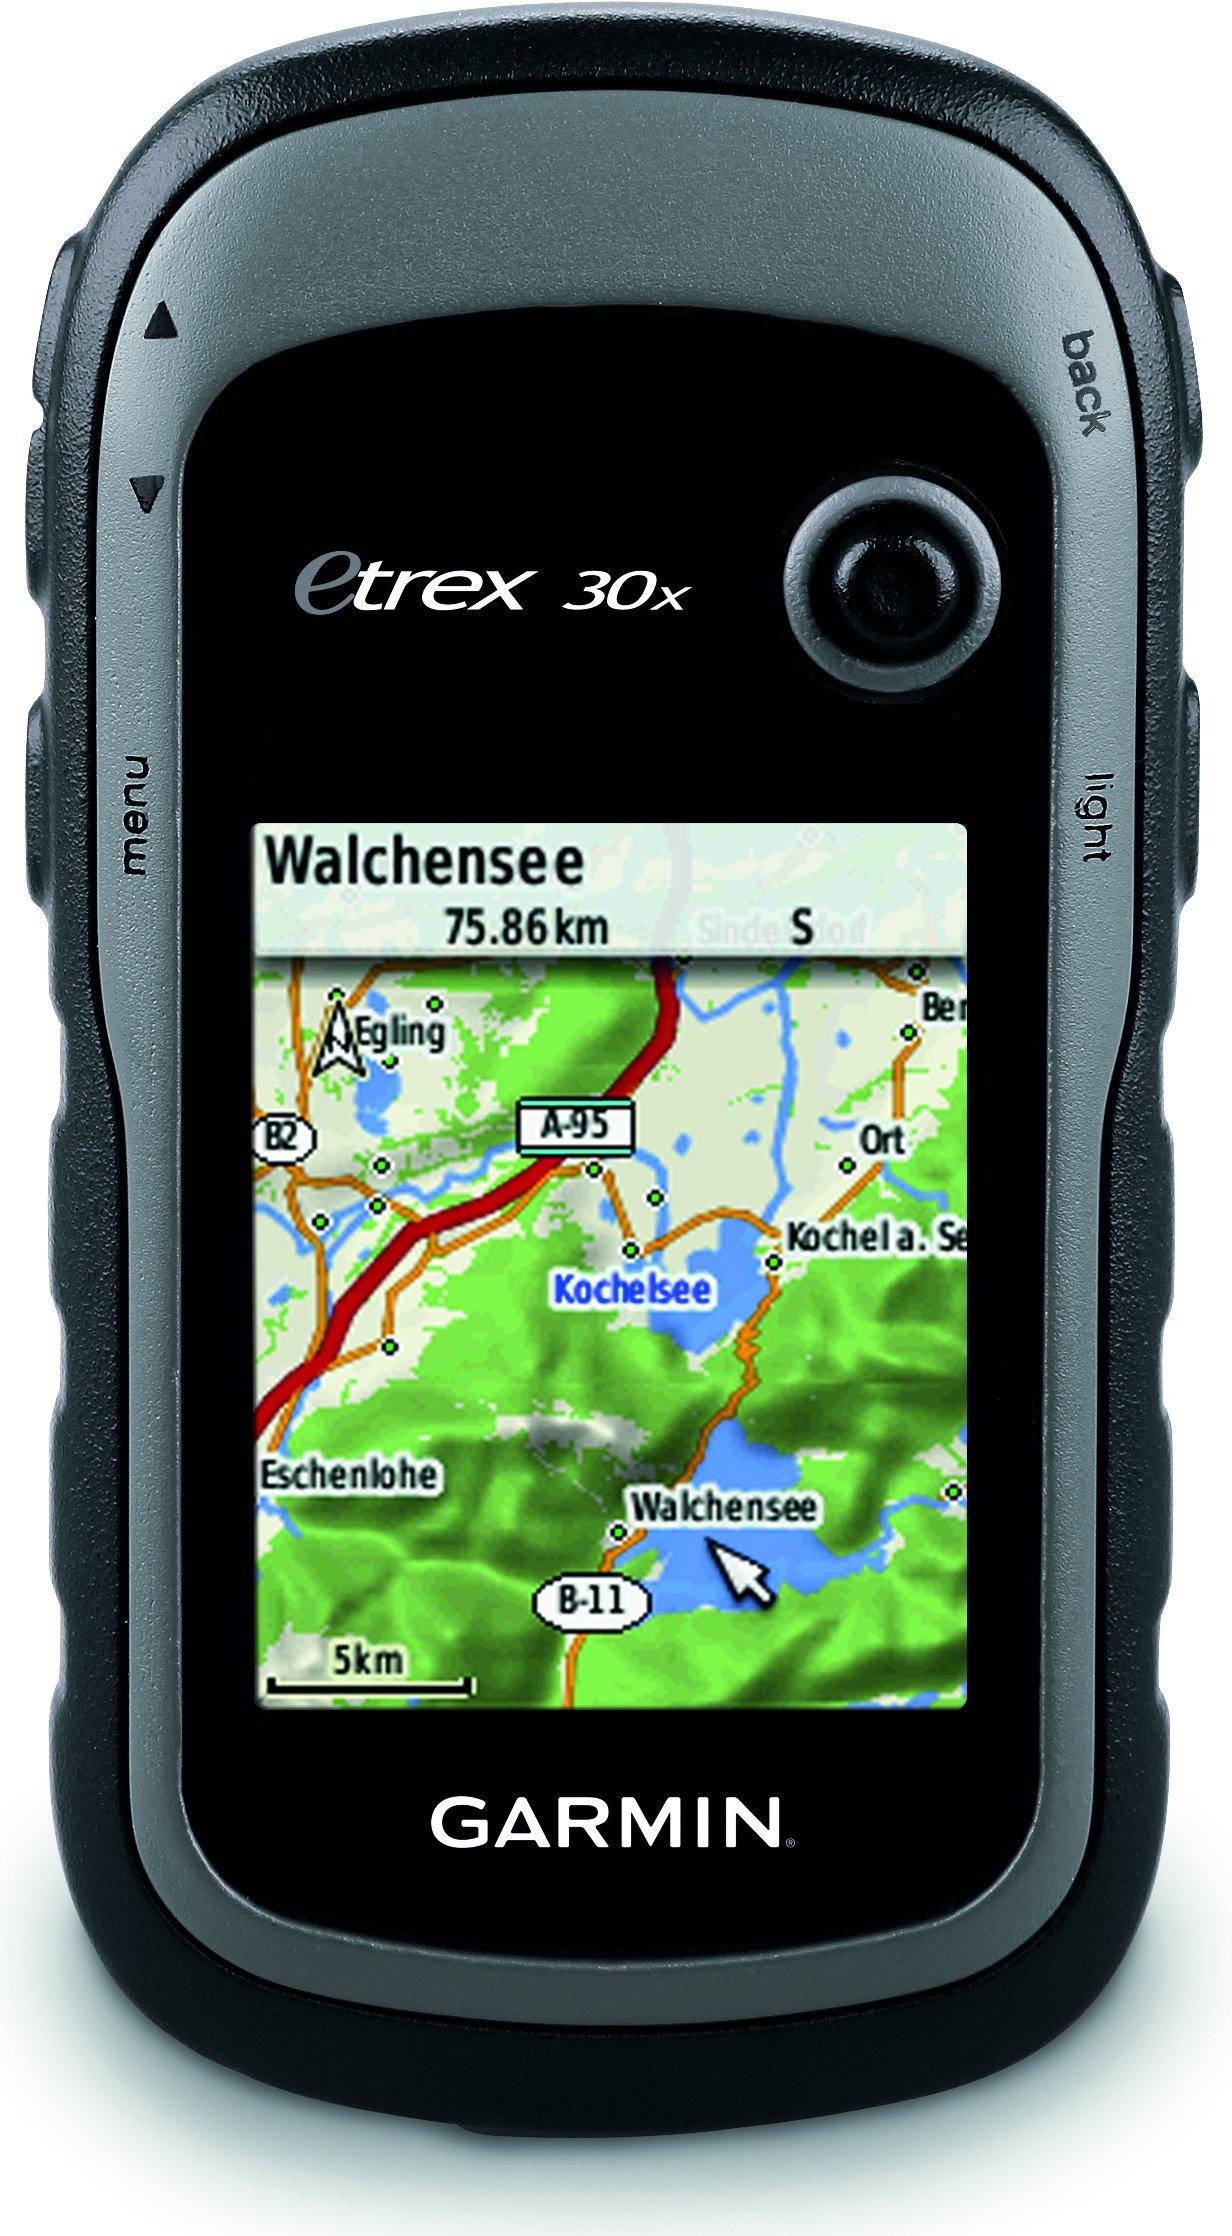 Garmin eTrex 30x - GPS de mano con brújula de tres ejes, pantalla mejorada y